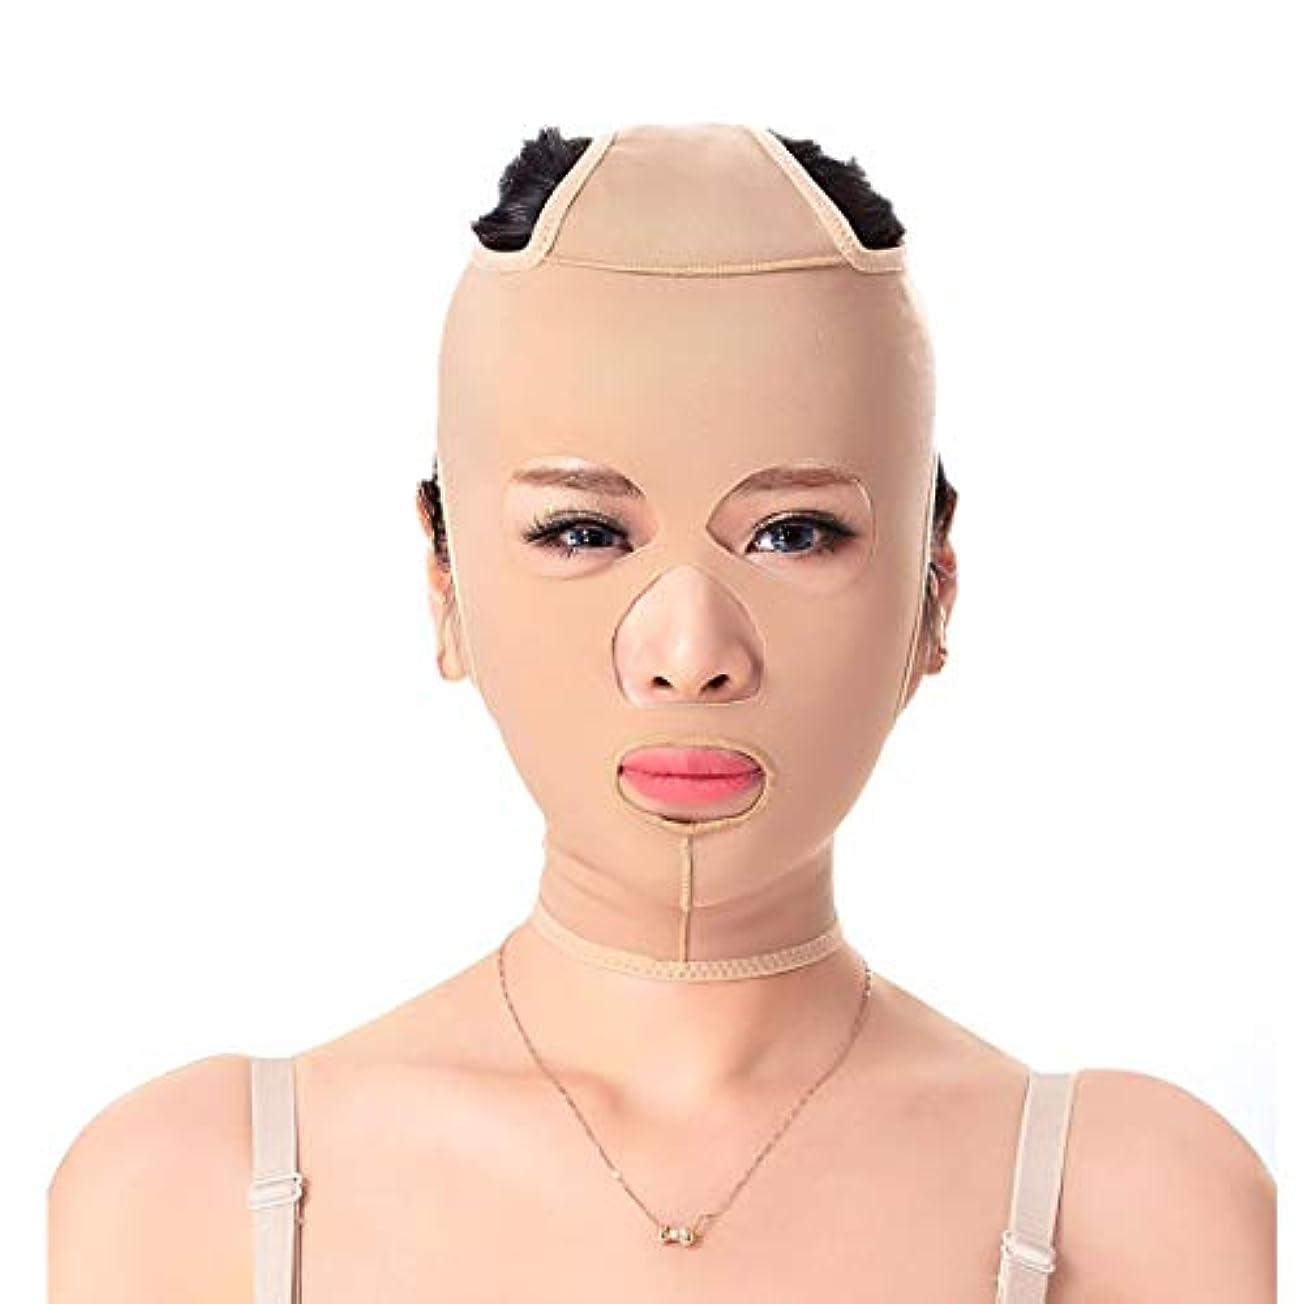 無効予見する地元痩身ベルト、フェイシャルマスク薄い顔面マスクを持ち上げる二重あご引き締め顔面プラスチックフェイスアーティファクト強力なフェイス包帯 (Size : M)